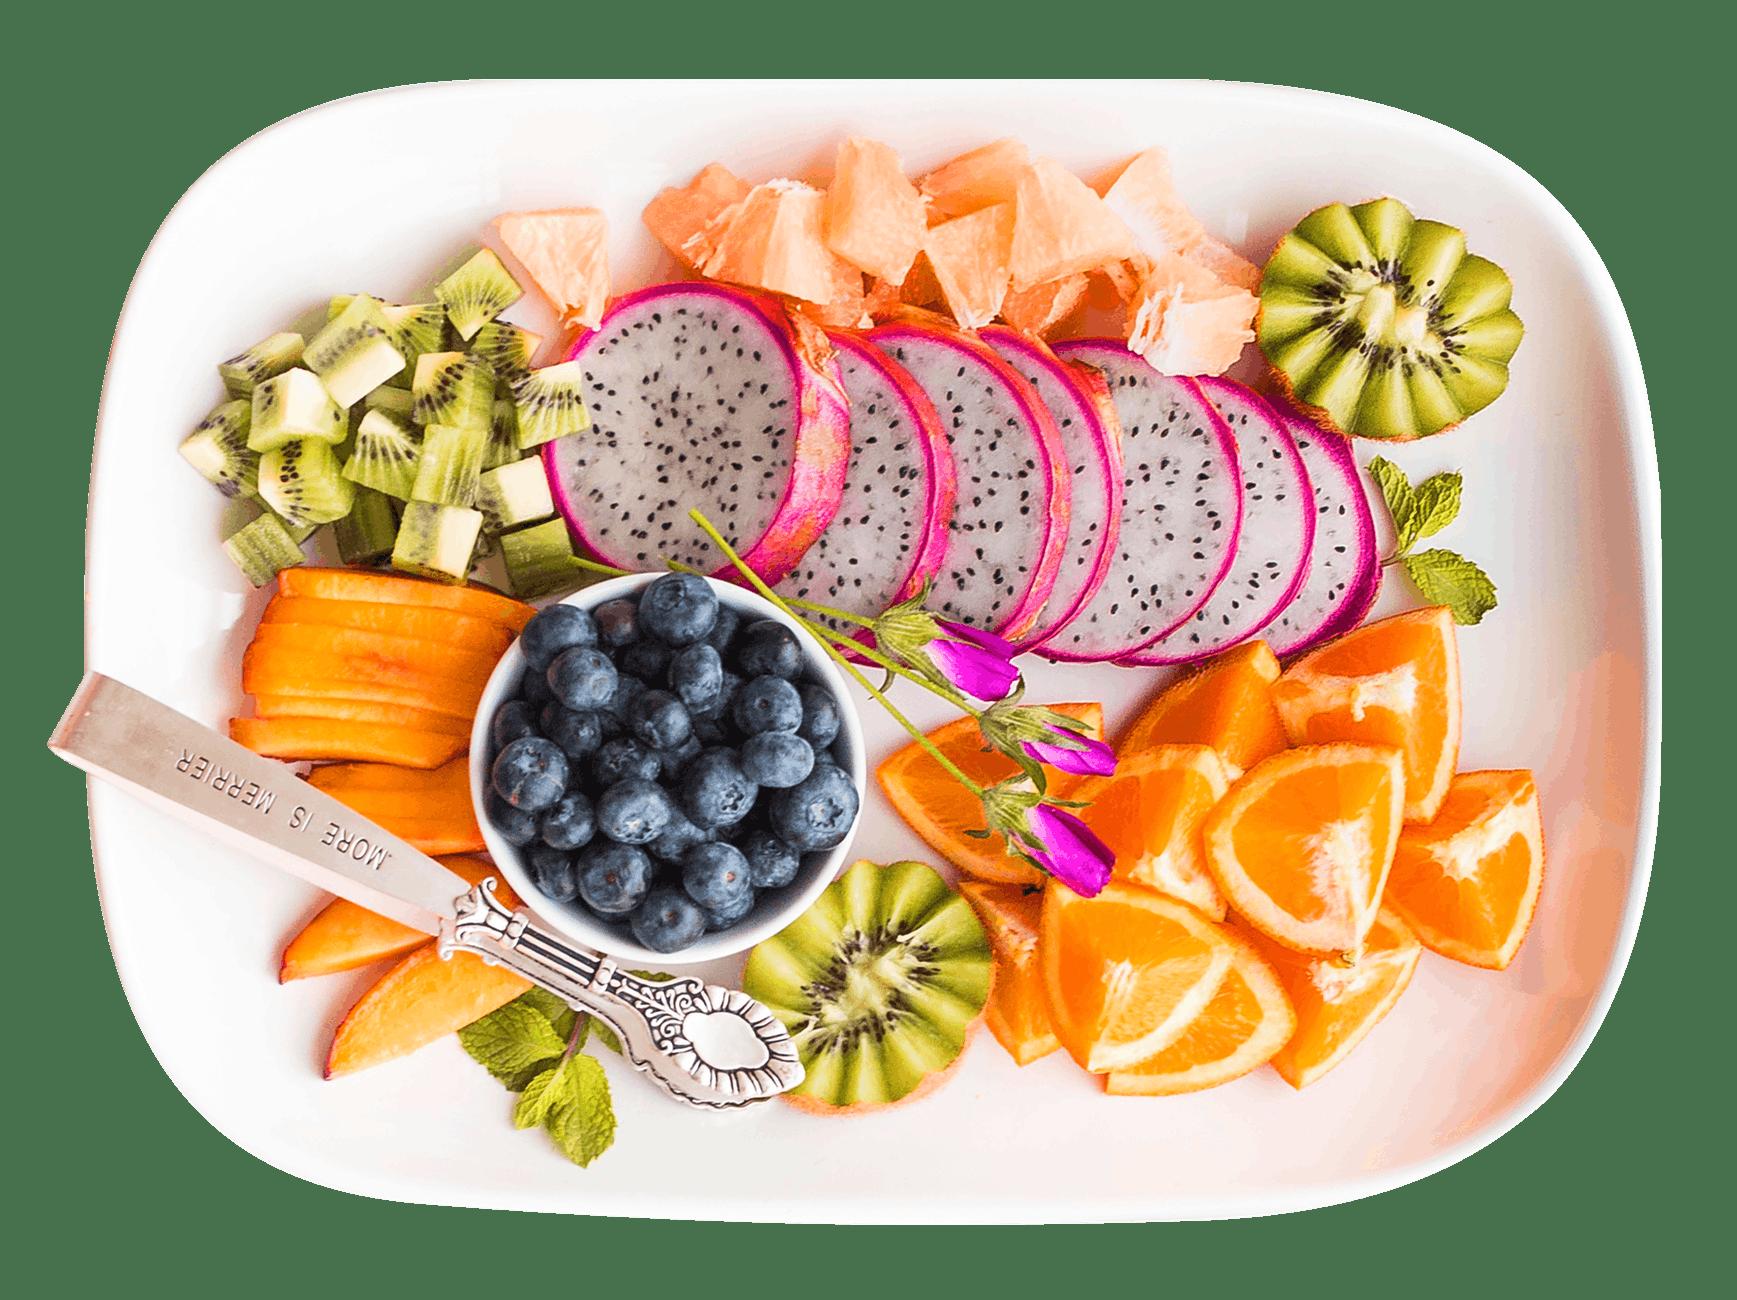 Ultimele zile de Post: 5 alimente care substituie carnea